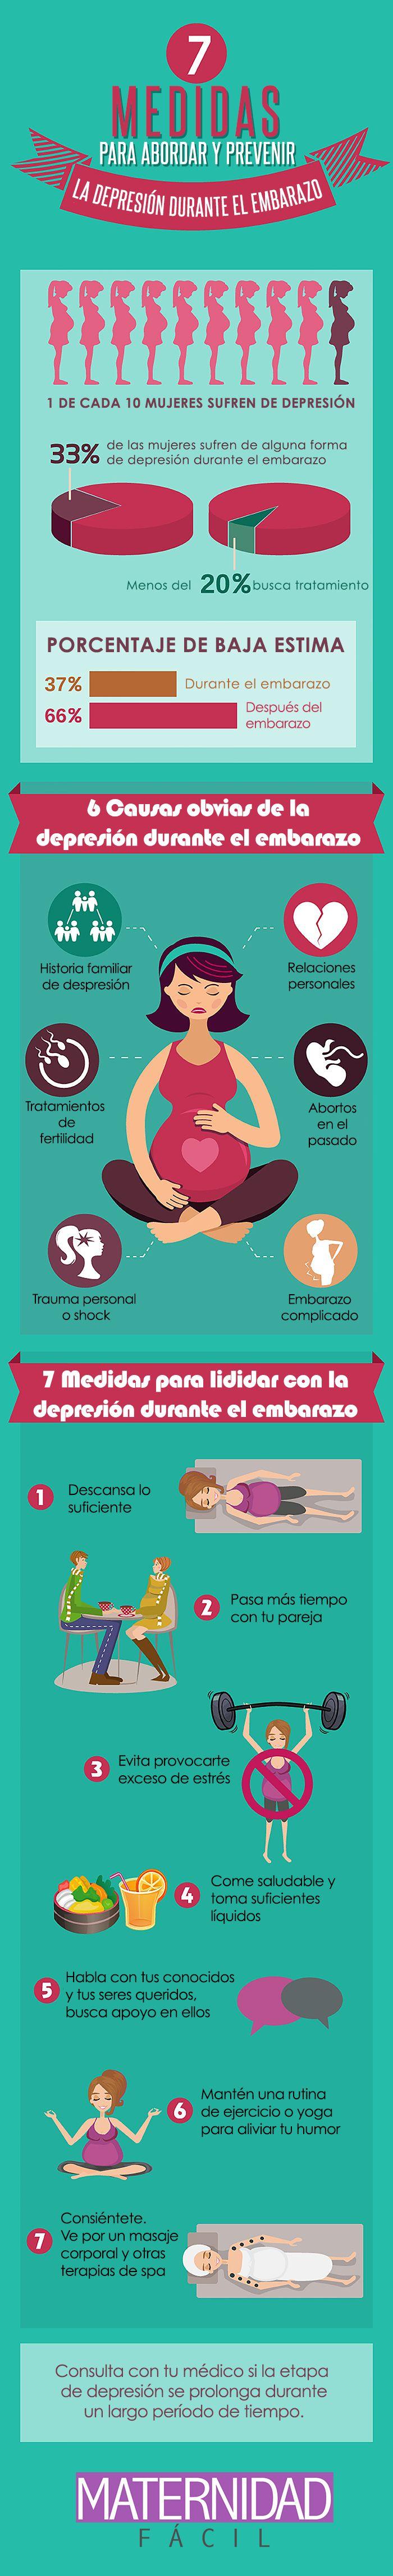 La depresión en el embarazo (Infografía)